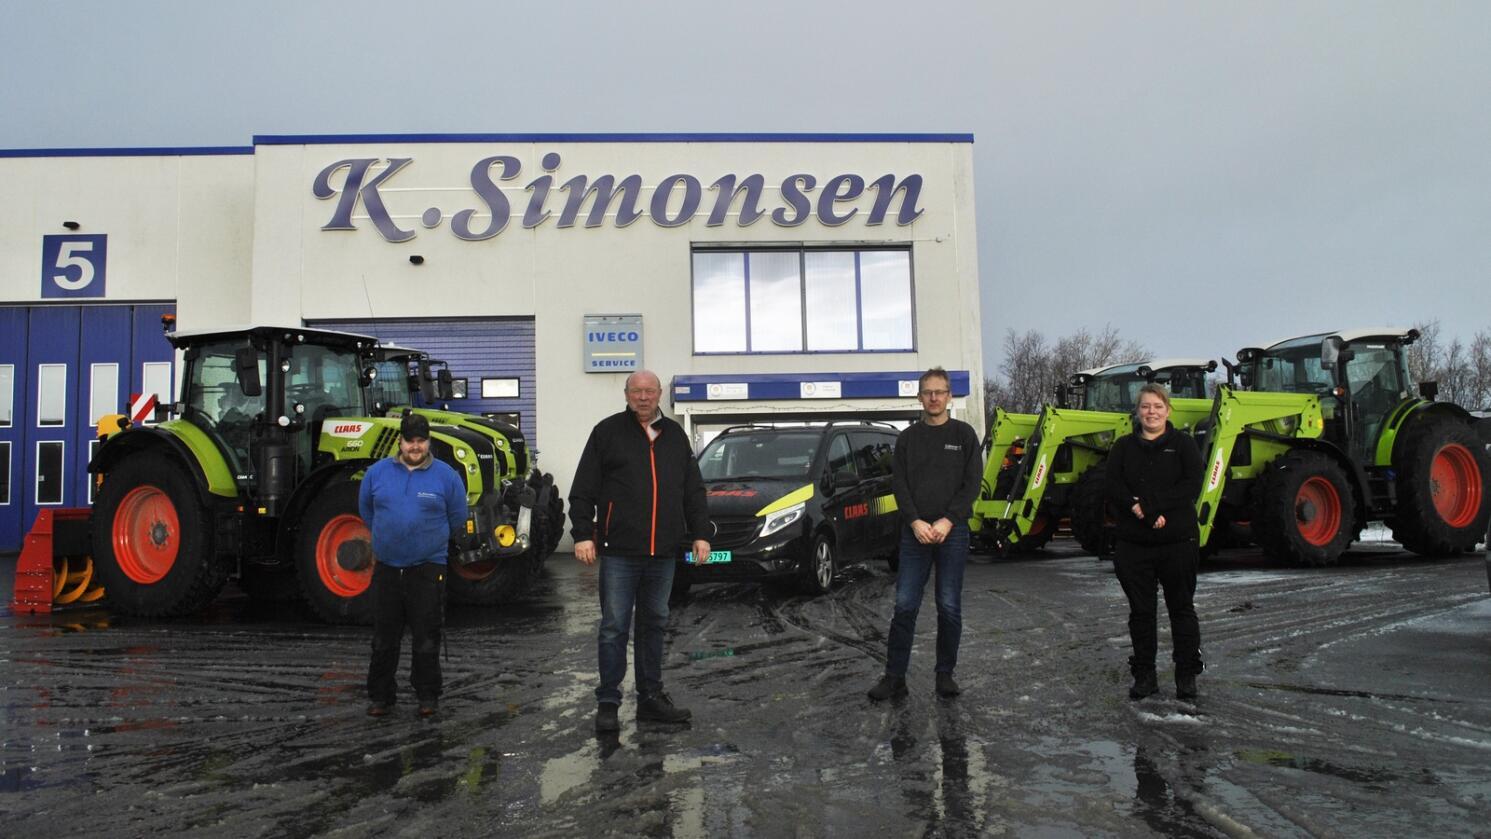 Ny Claasforhandler: Gjengen hos K. Simonsen ønsker velkommen  Fra venstre Landbruksmekaniker Stian Bredesen (f.v.), deleansvarlig Egil Pedersen, selger Jan Helge Nilsen og avdelingsleder Camilla Simonsen.